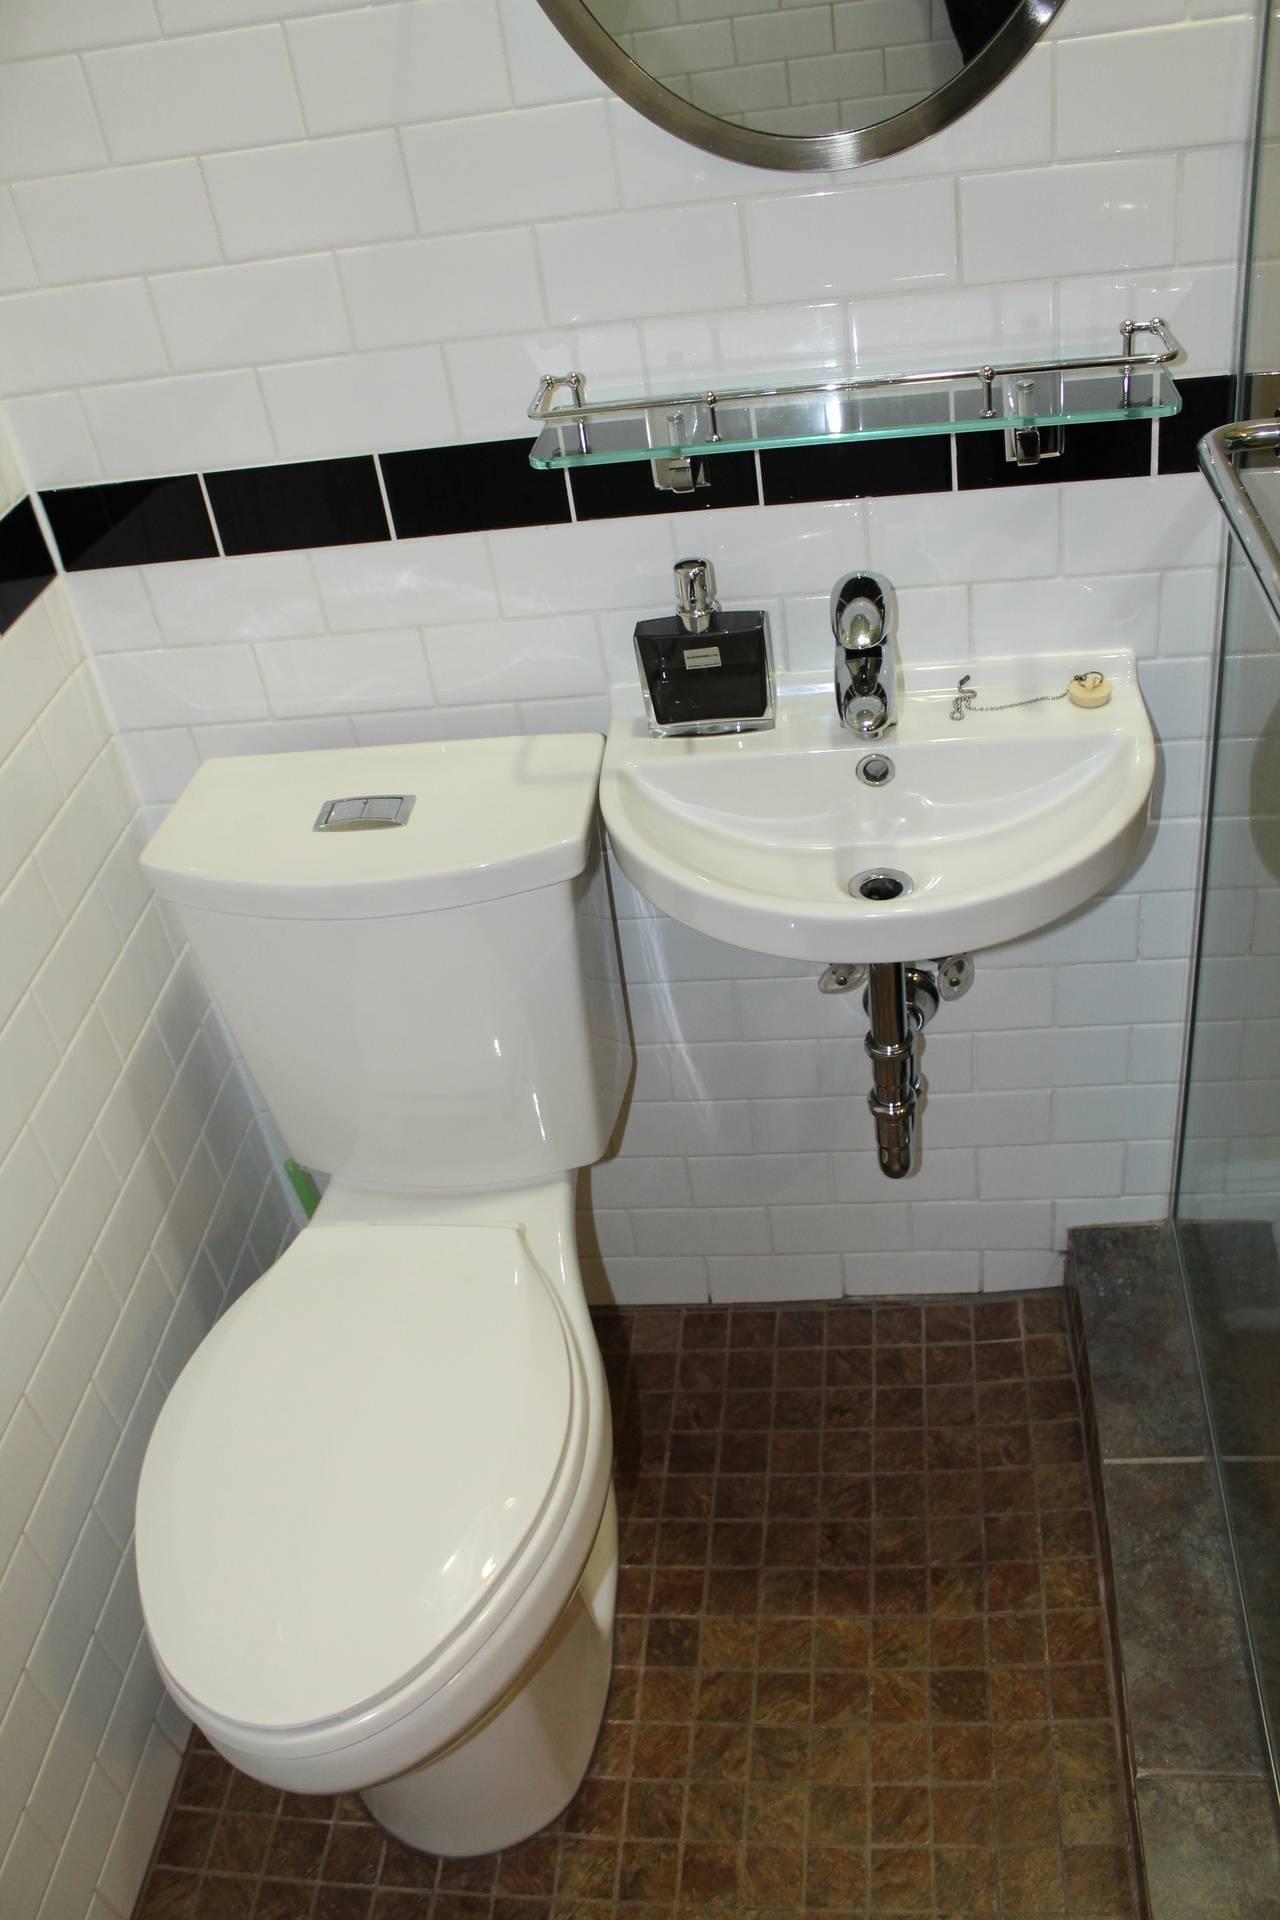 Closer bathroom view